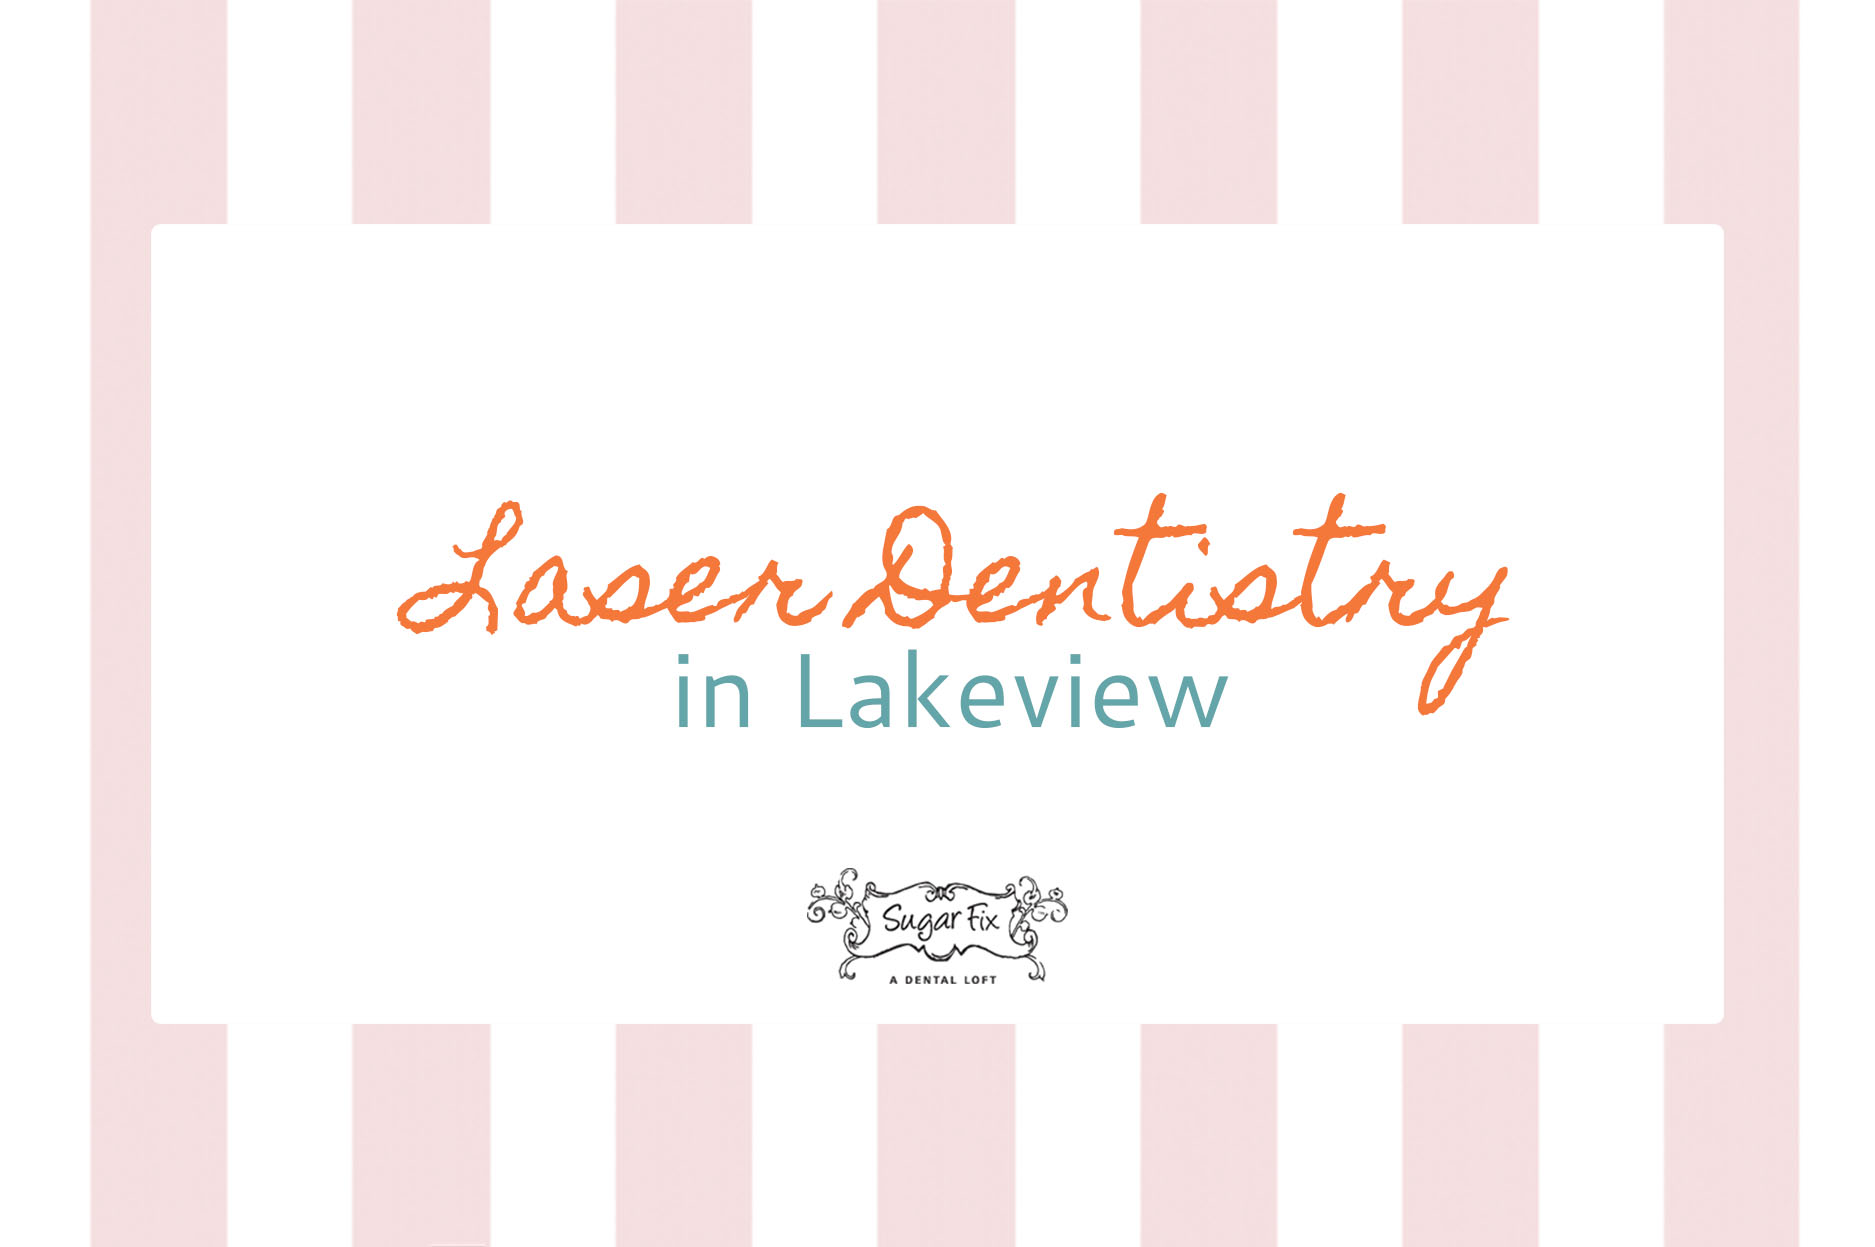 Laser Dentistry // Sugar Fix Dental Loft